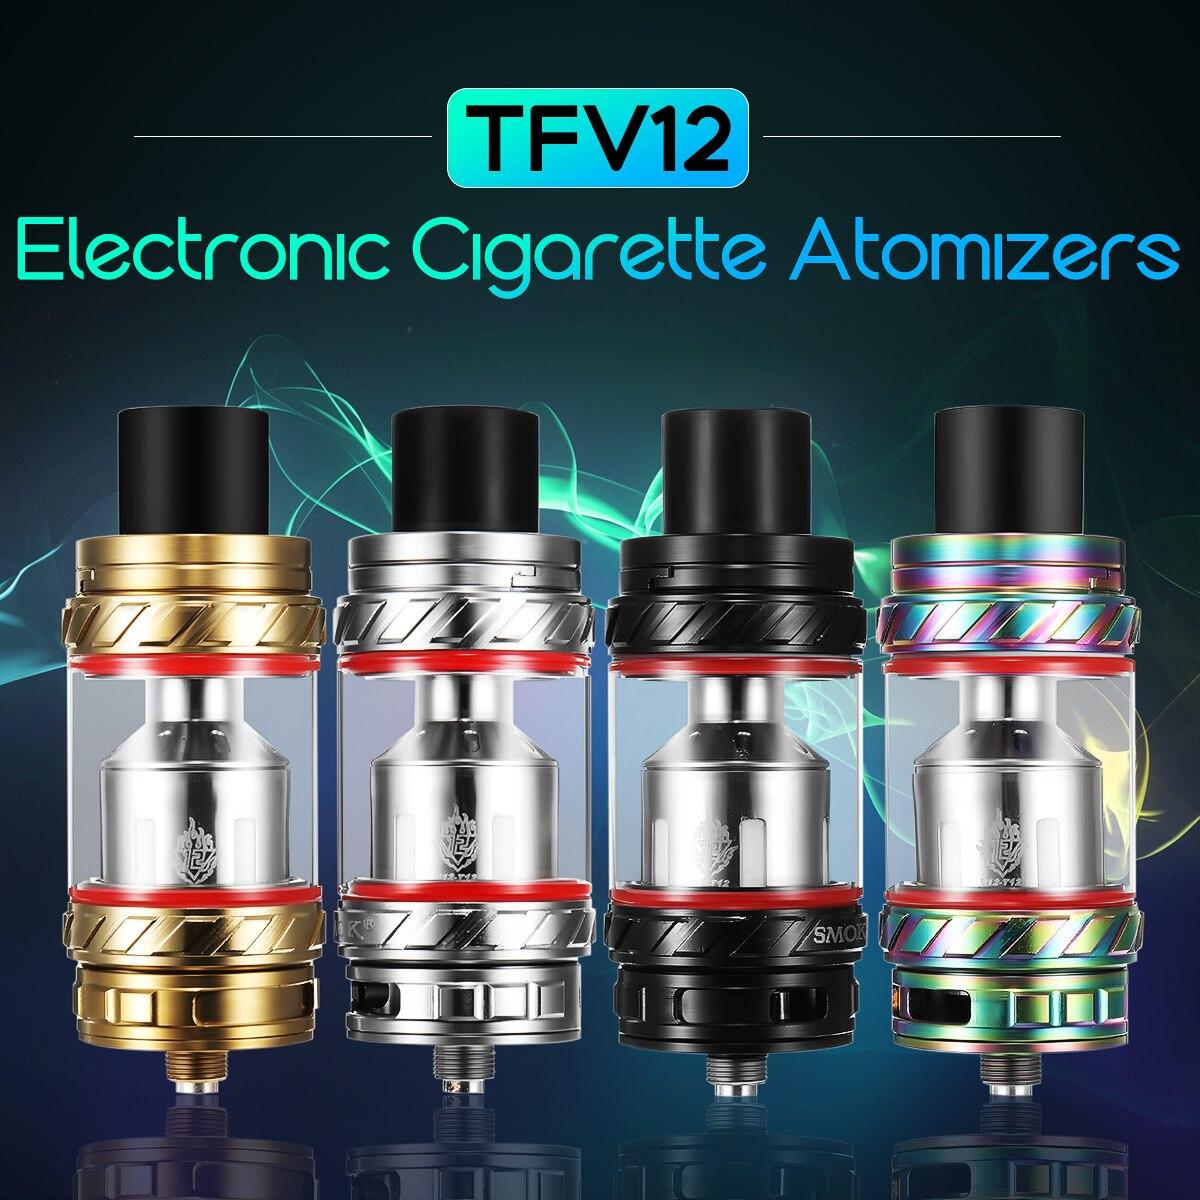 D'origine TFV12 Bête Sous Ohm Réservoir 6 ml TFV12 Électronique E-Cigarette Atomiseurs 510 Fil Vaporisateur Vaporisateur Atomiseur